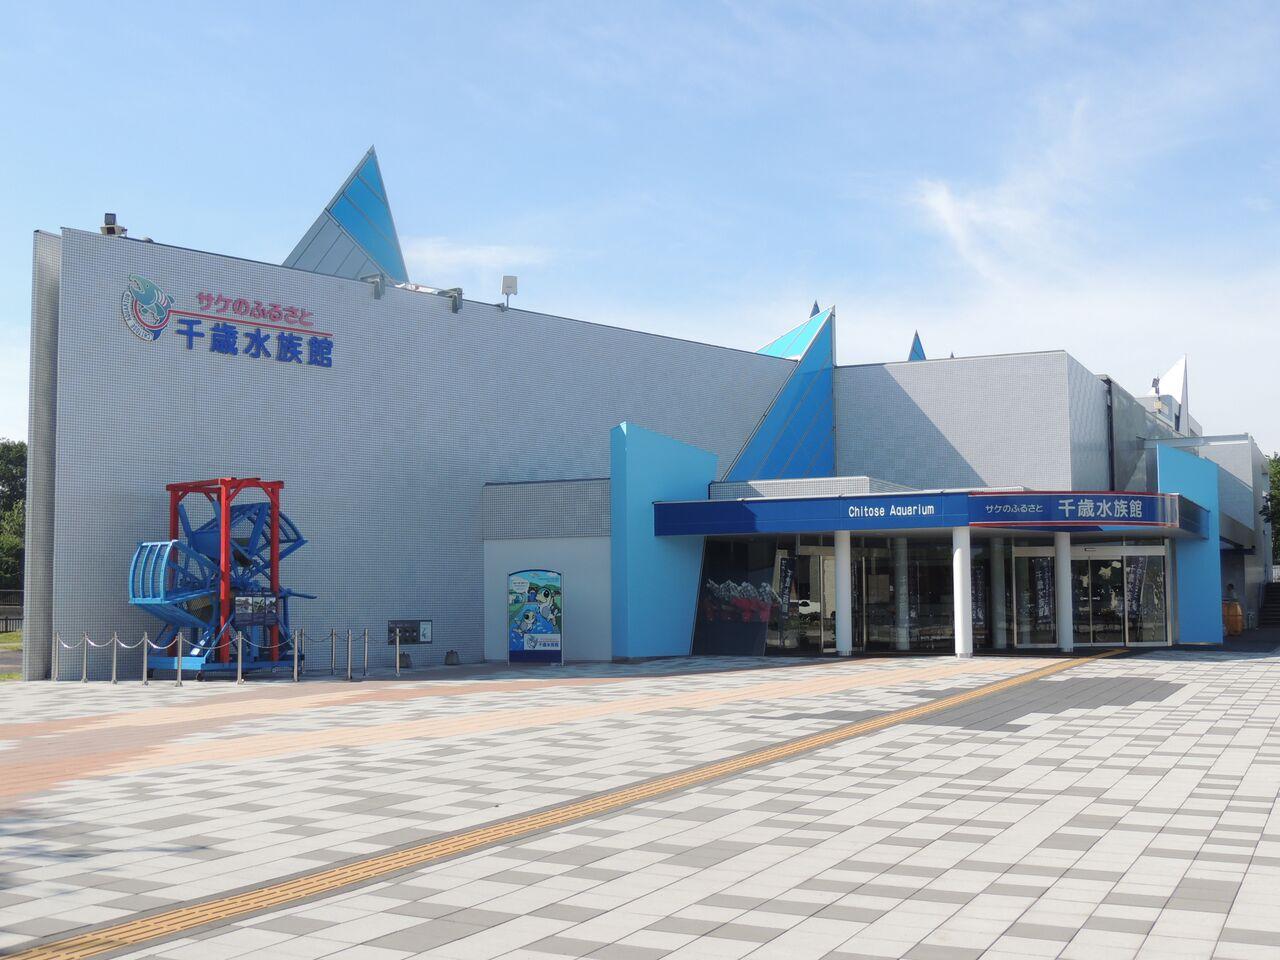 北海道サケのふるさと 千歳水族館チケット